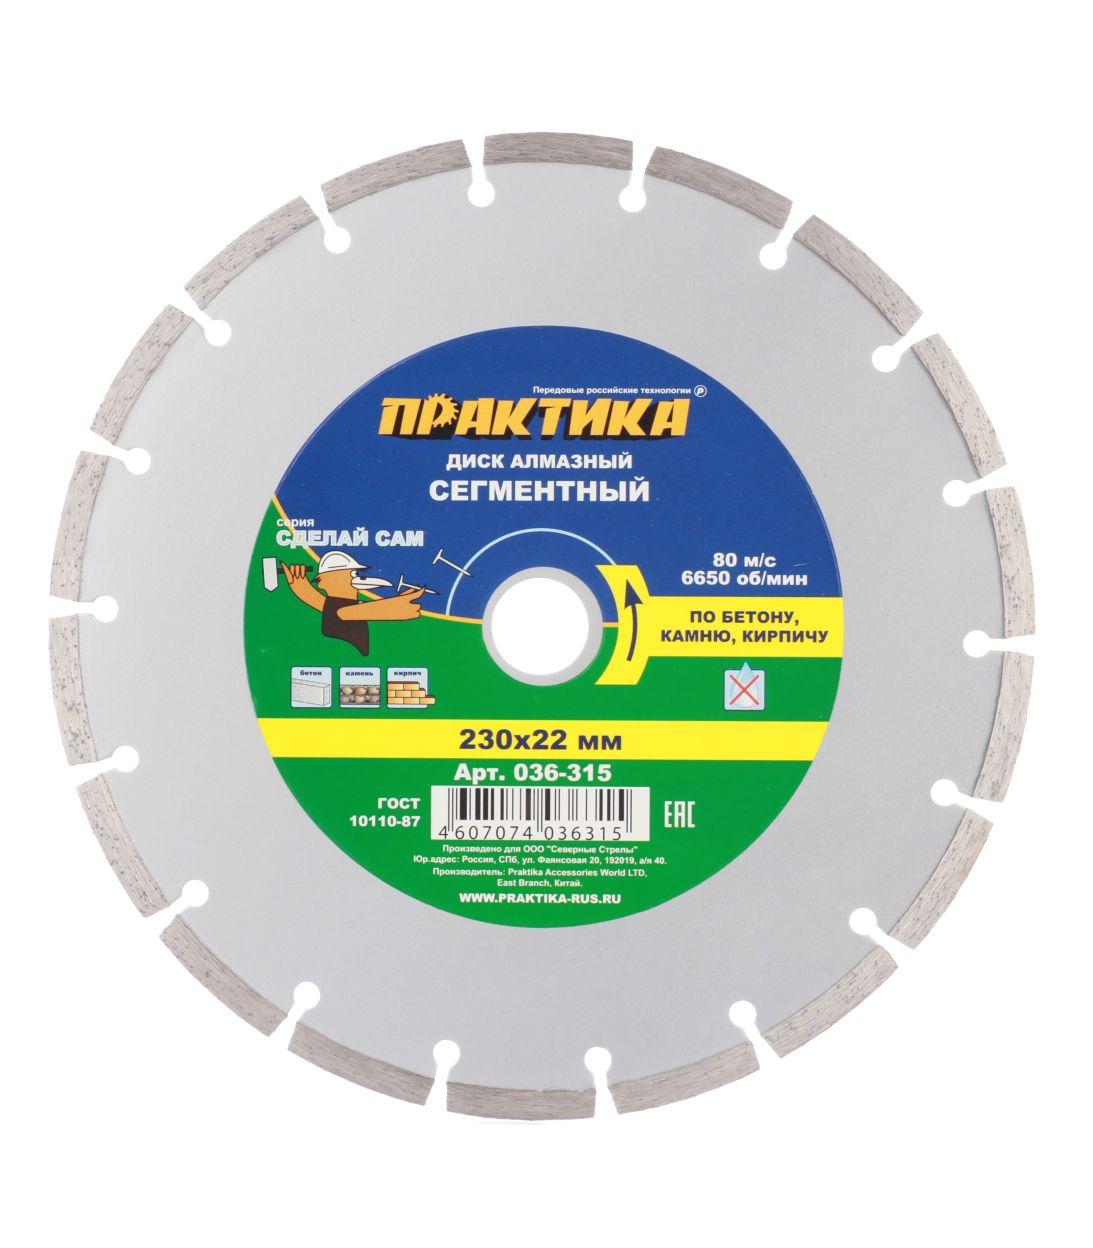 Диск алмазный сегментный Практика 230х22,2 мм диск алмазный сегментный практика 230х22 профи 10 мм 030 818